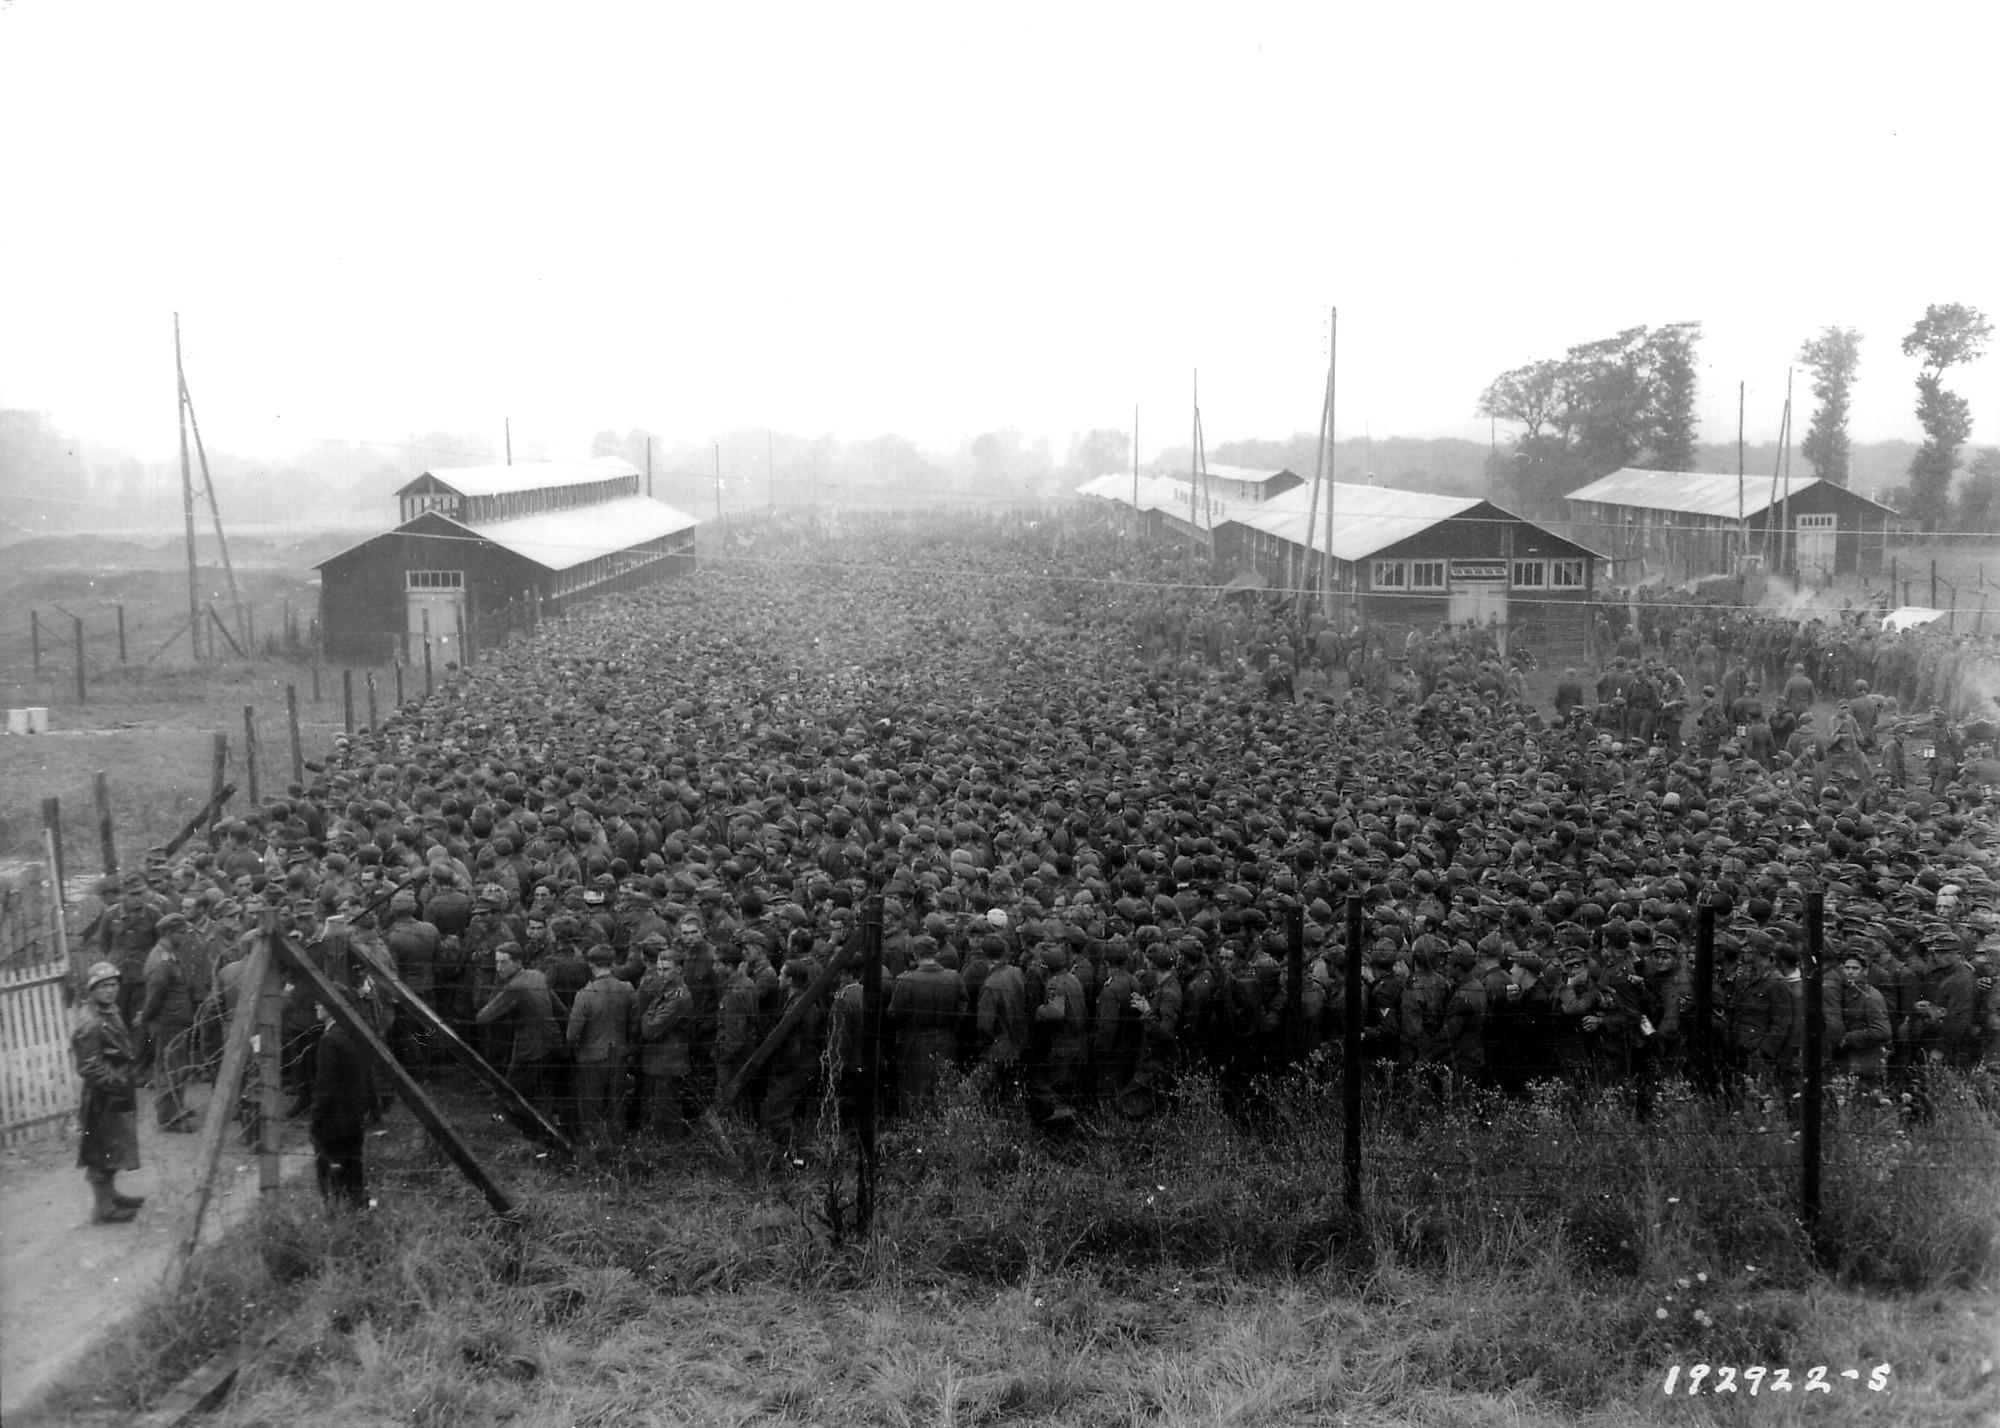 вас пугачев сарат обл во время второй мировой фото подобное изображение наносят